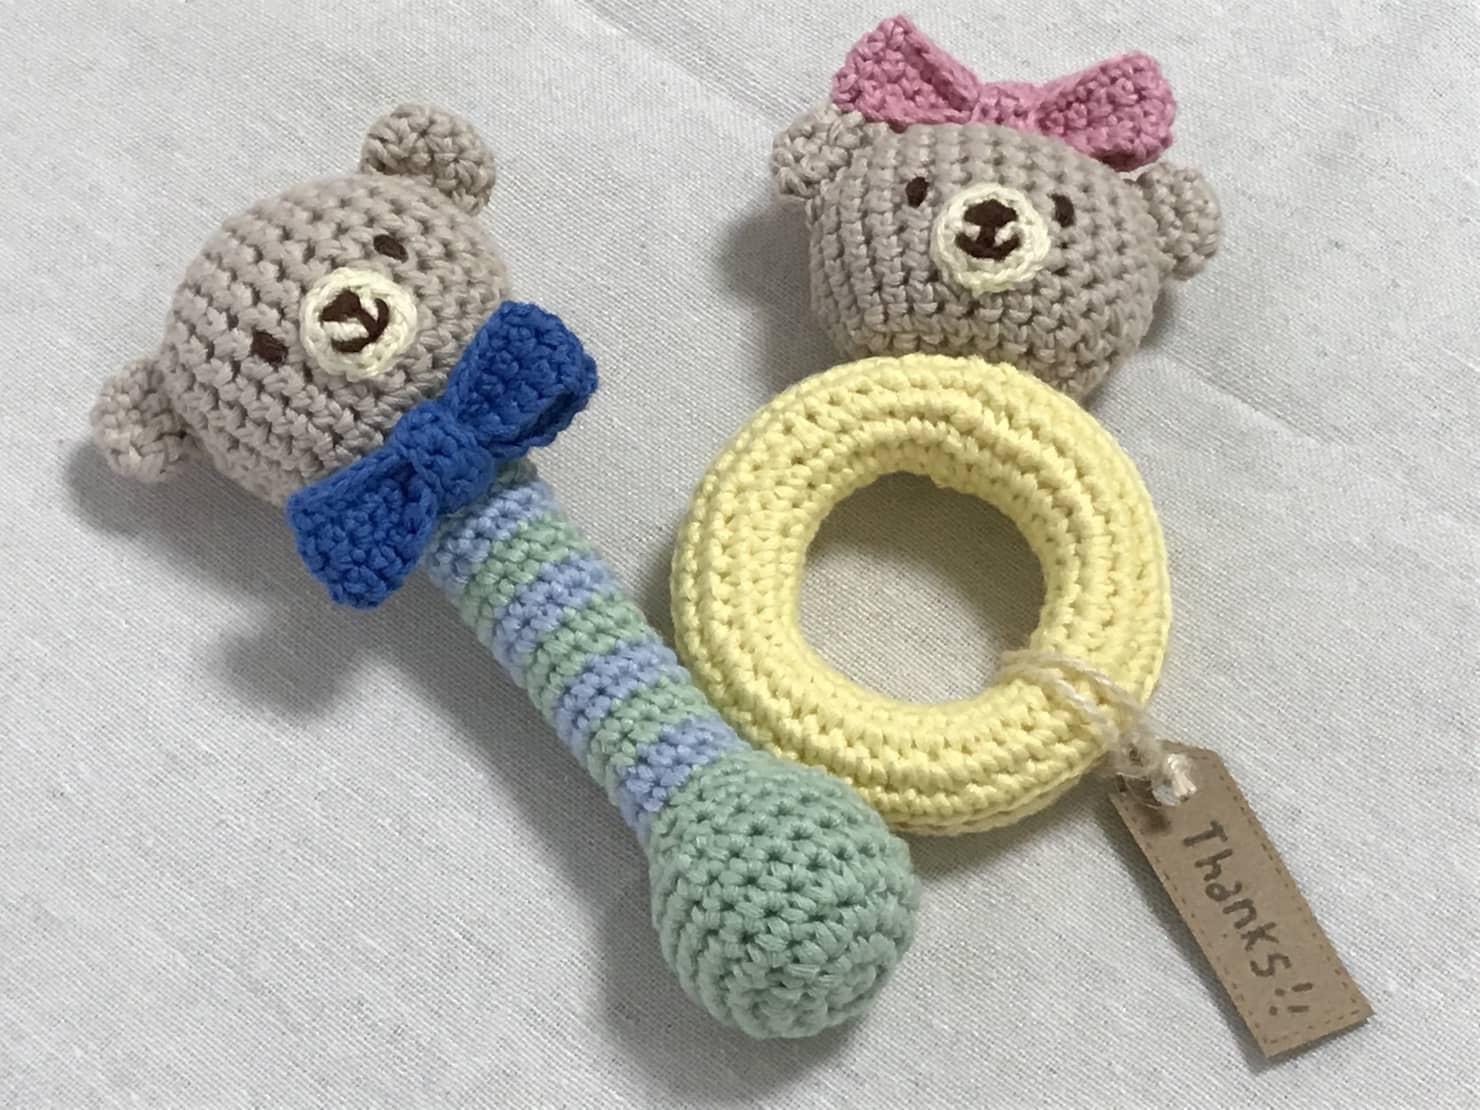 赤ちゃんのおもちゃを選ぶなら手作りがおすすめ!素材選びと作るヒント集